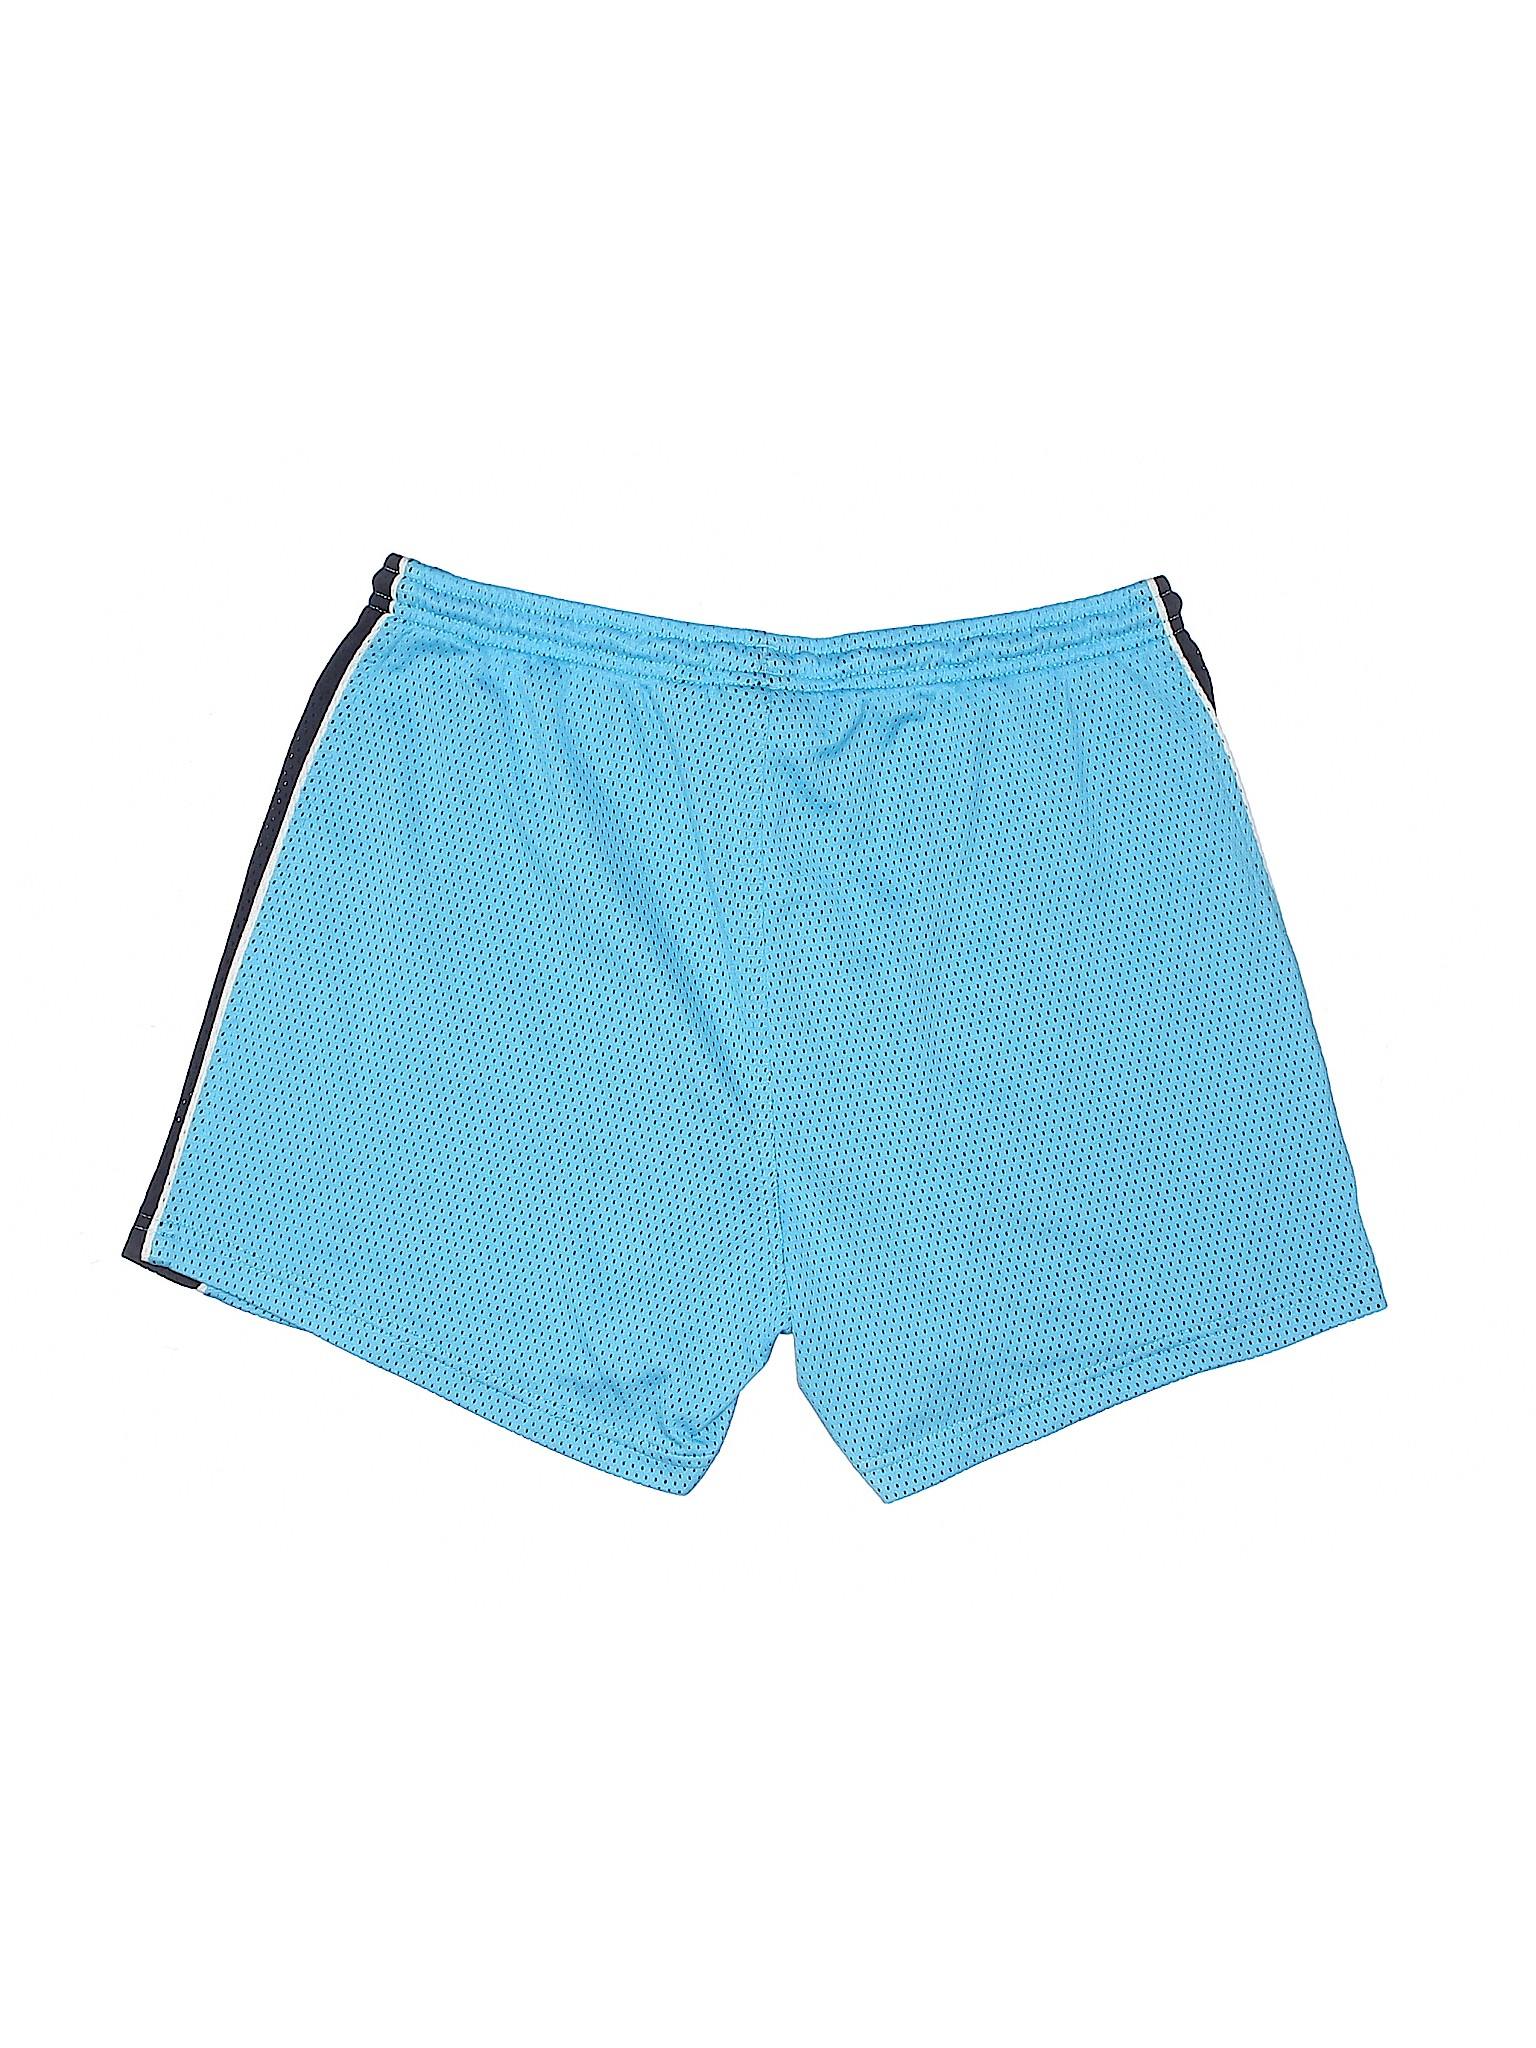 Athletic Boutique Boutique Boutique Puma Shorts Puma Shorts Athletic Shorts Athletic Puma Boutique xq0RdZ8Yw